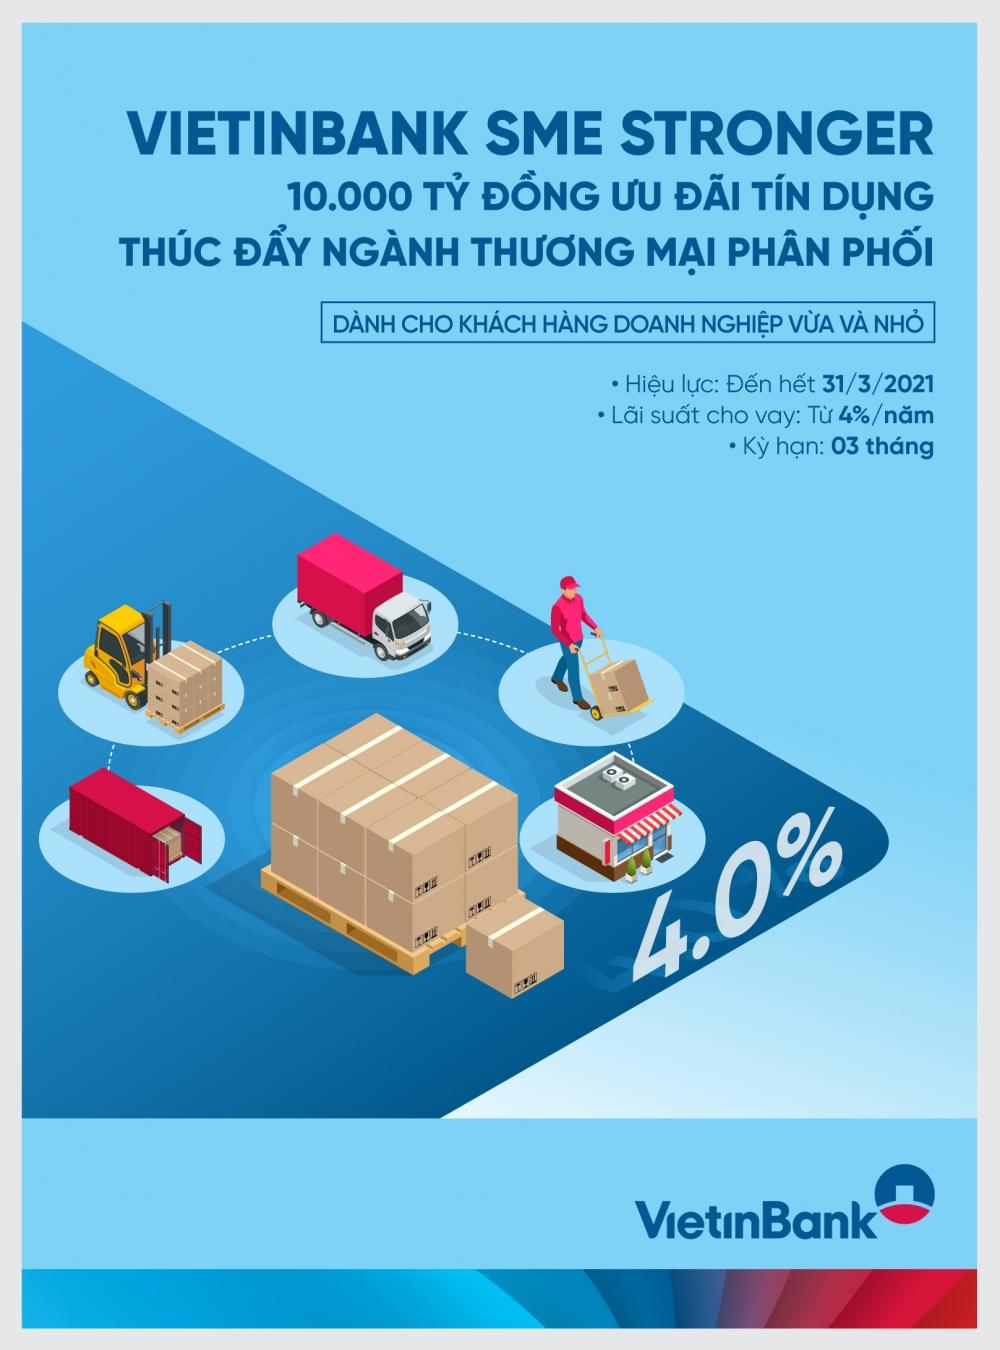 VietinBank SME Stronger: 10.000 tỷ đồng đồng hành cùng ngành Thương mại